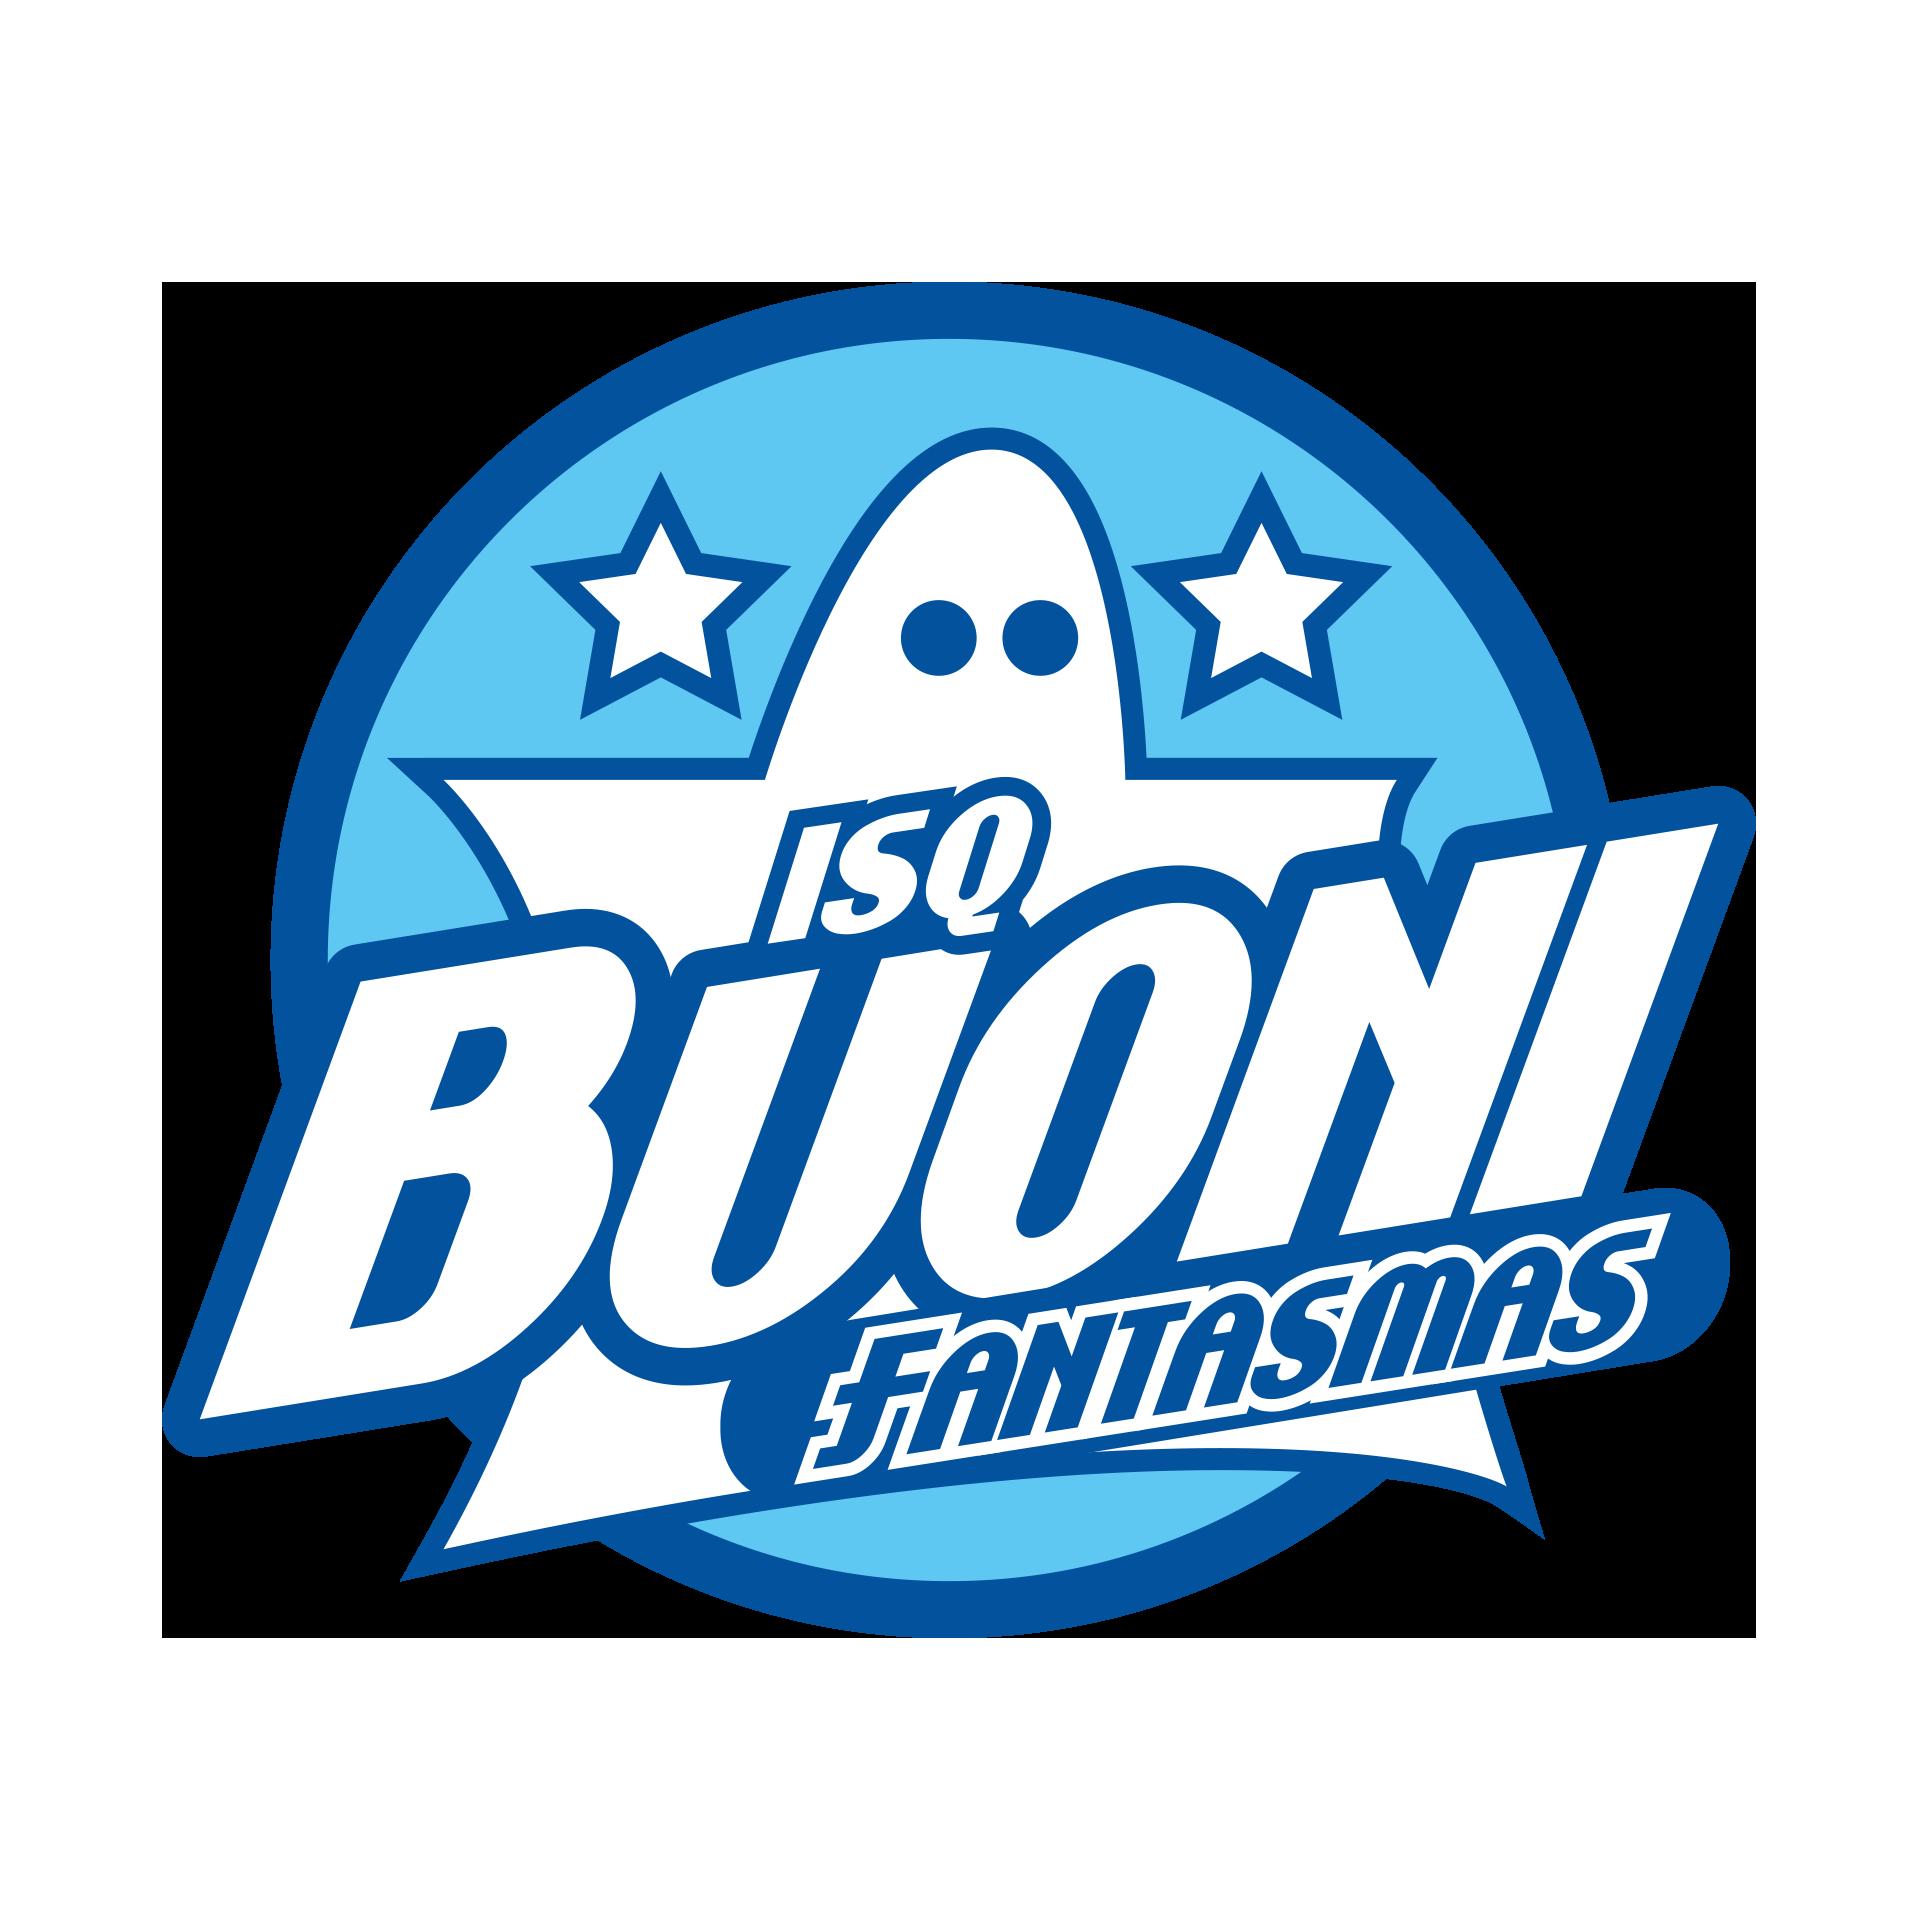 """Buoni Fantasmas rozczarowane porażką. """"Fortuna oraz Guru nam nie sprzyjali"""""""